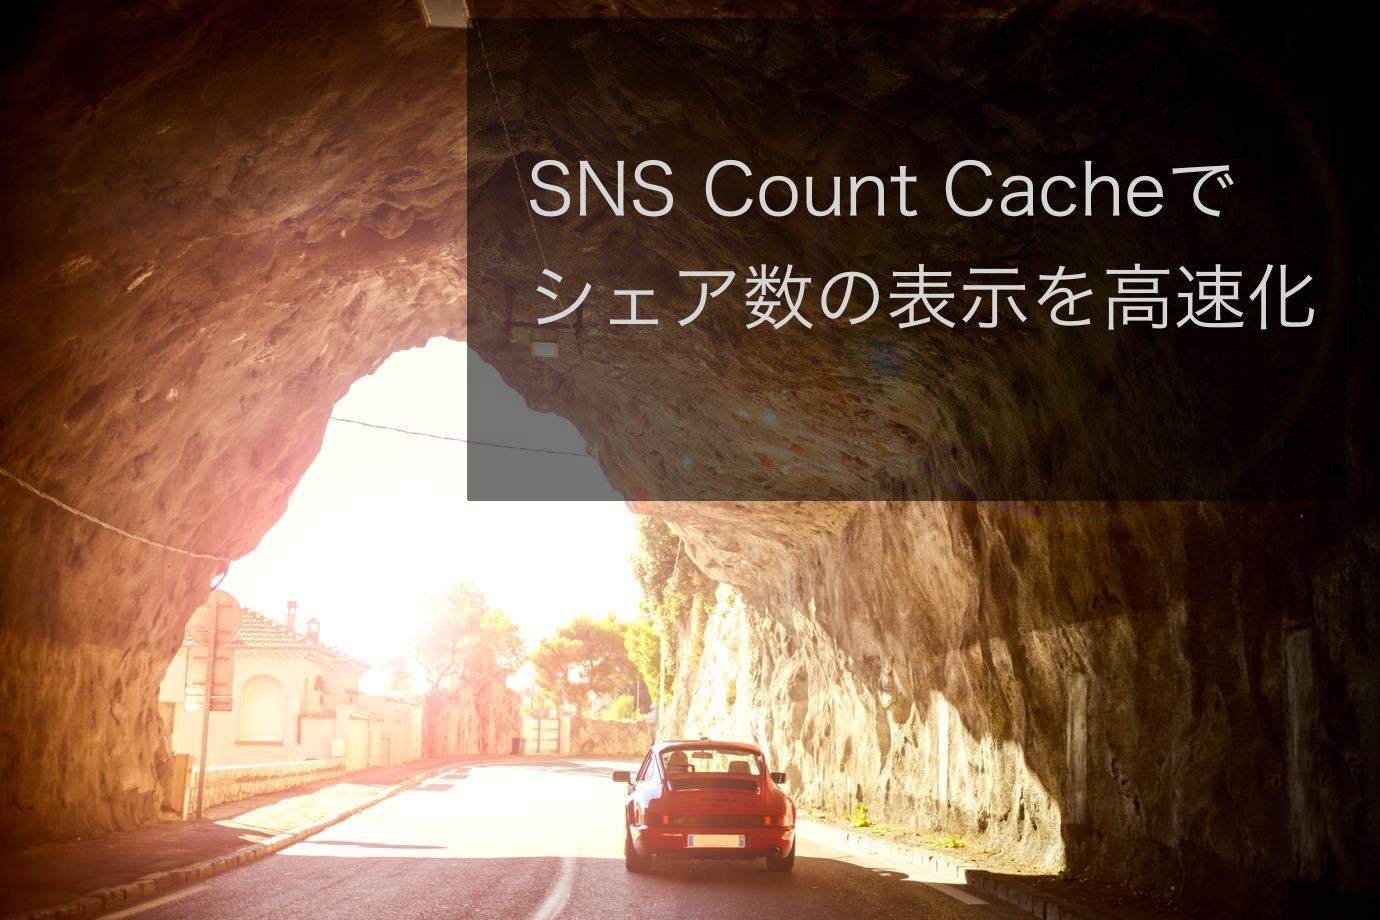 SNS Count Cache 01 20150131 152812